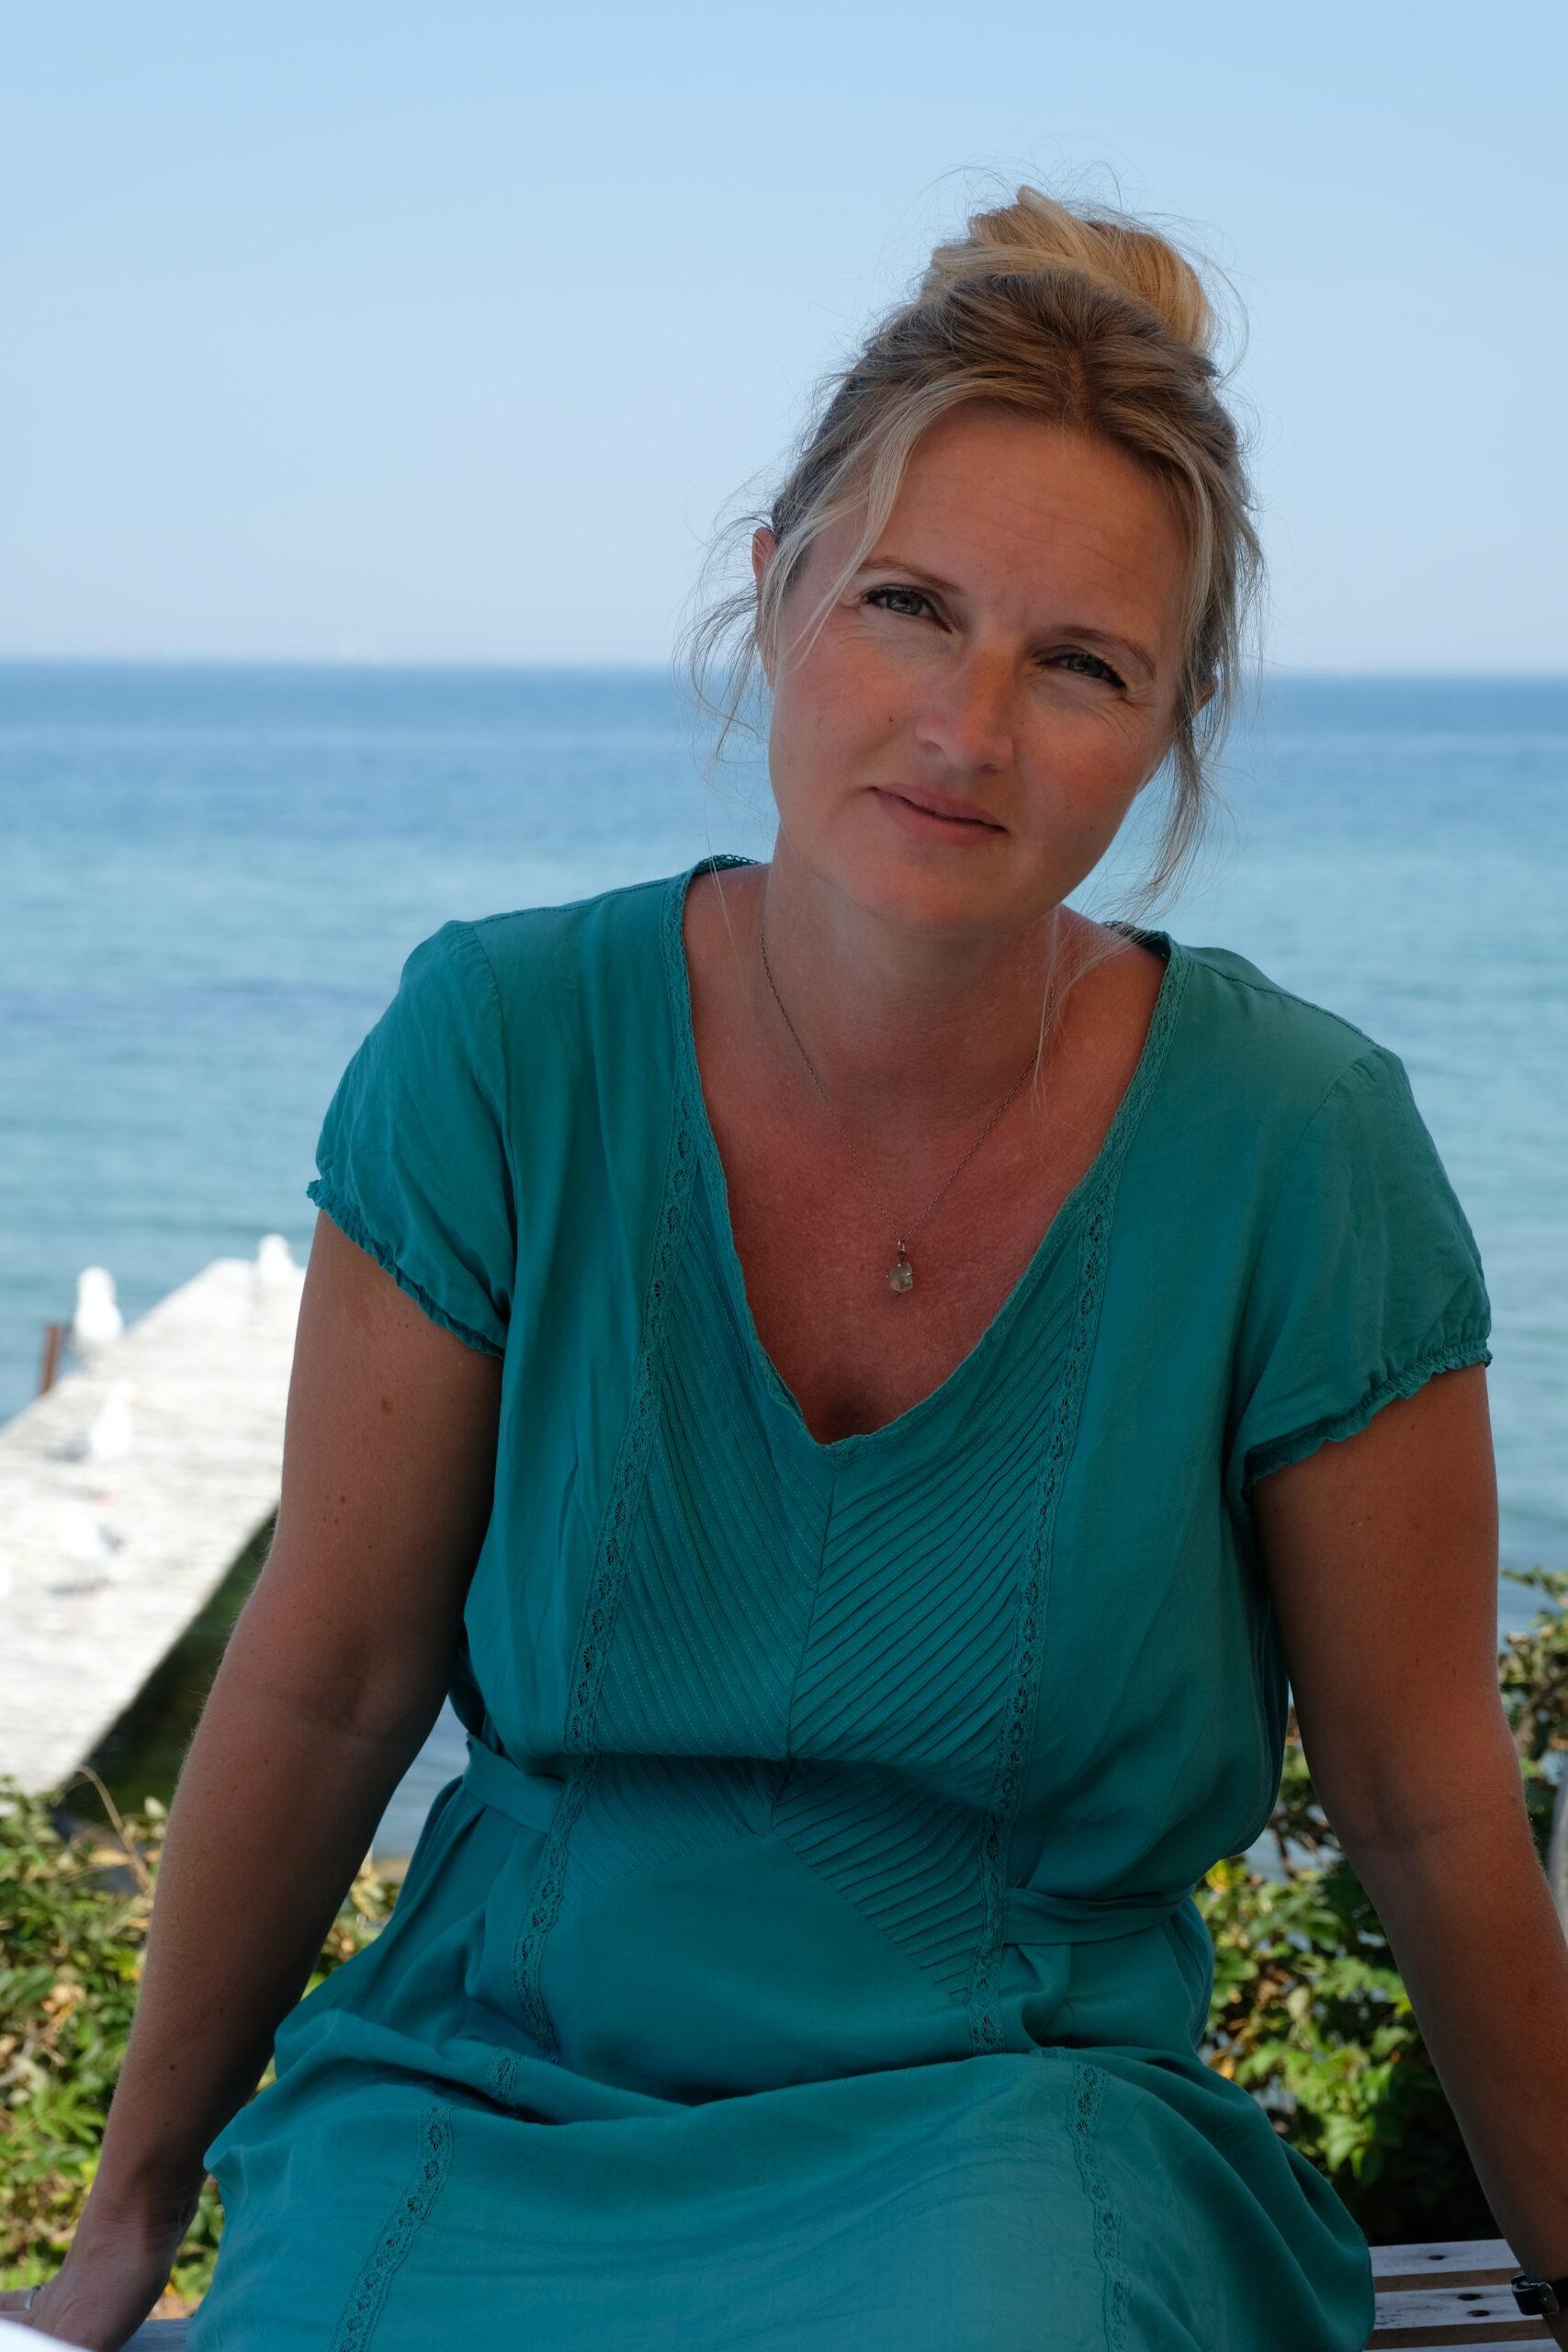 Marie Louise sidder på bænk med havet i baggrunden